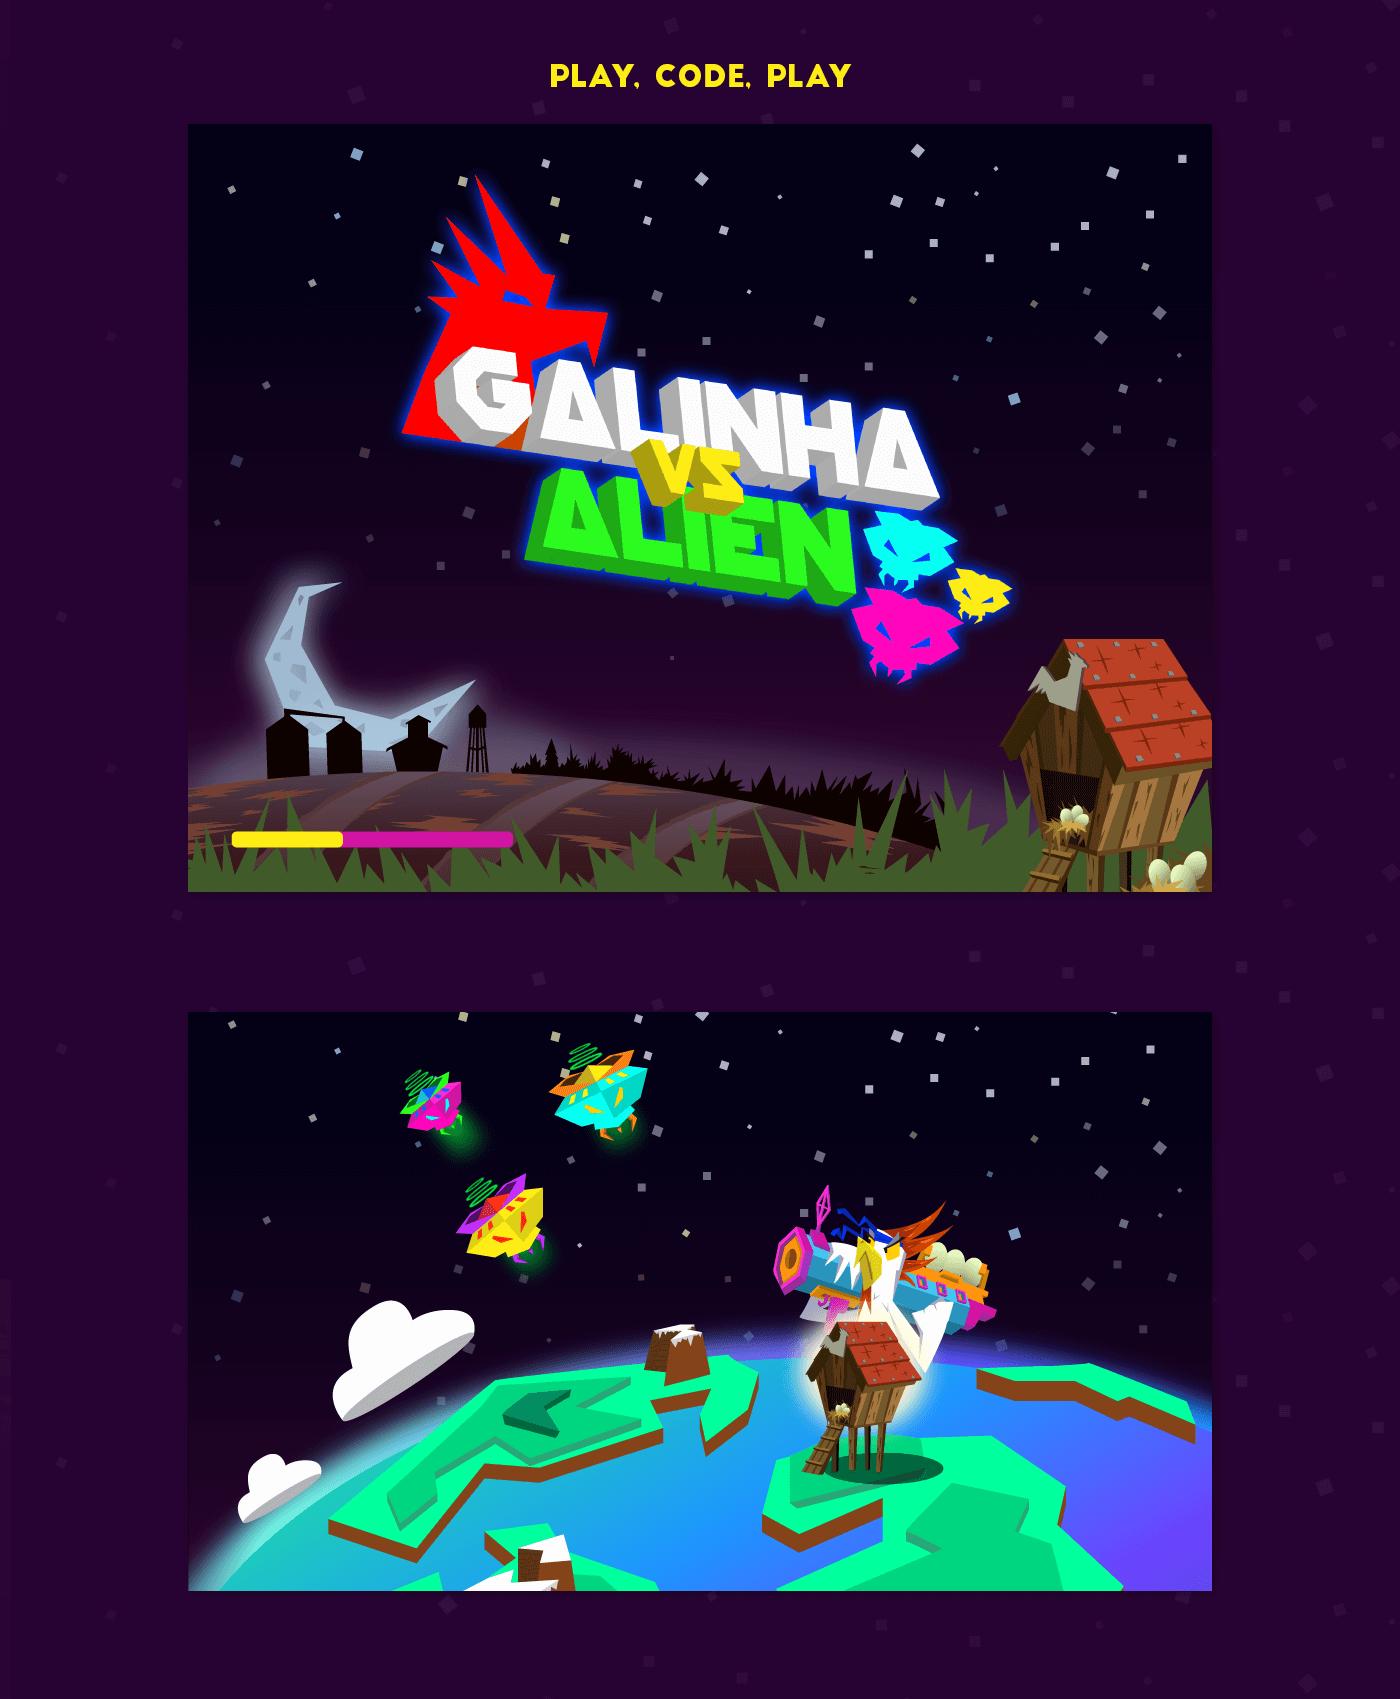 Image may contain: cartoon, screenshot and screen